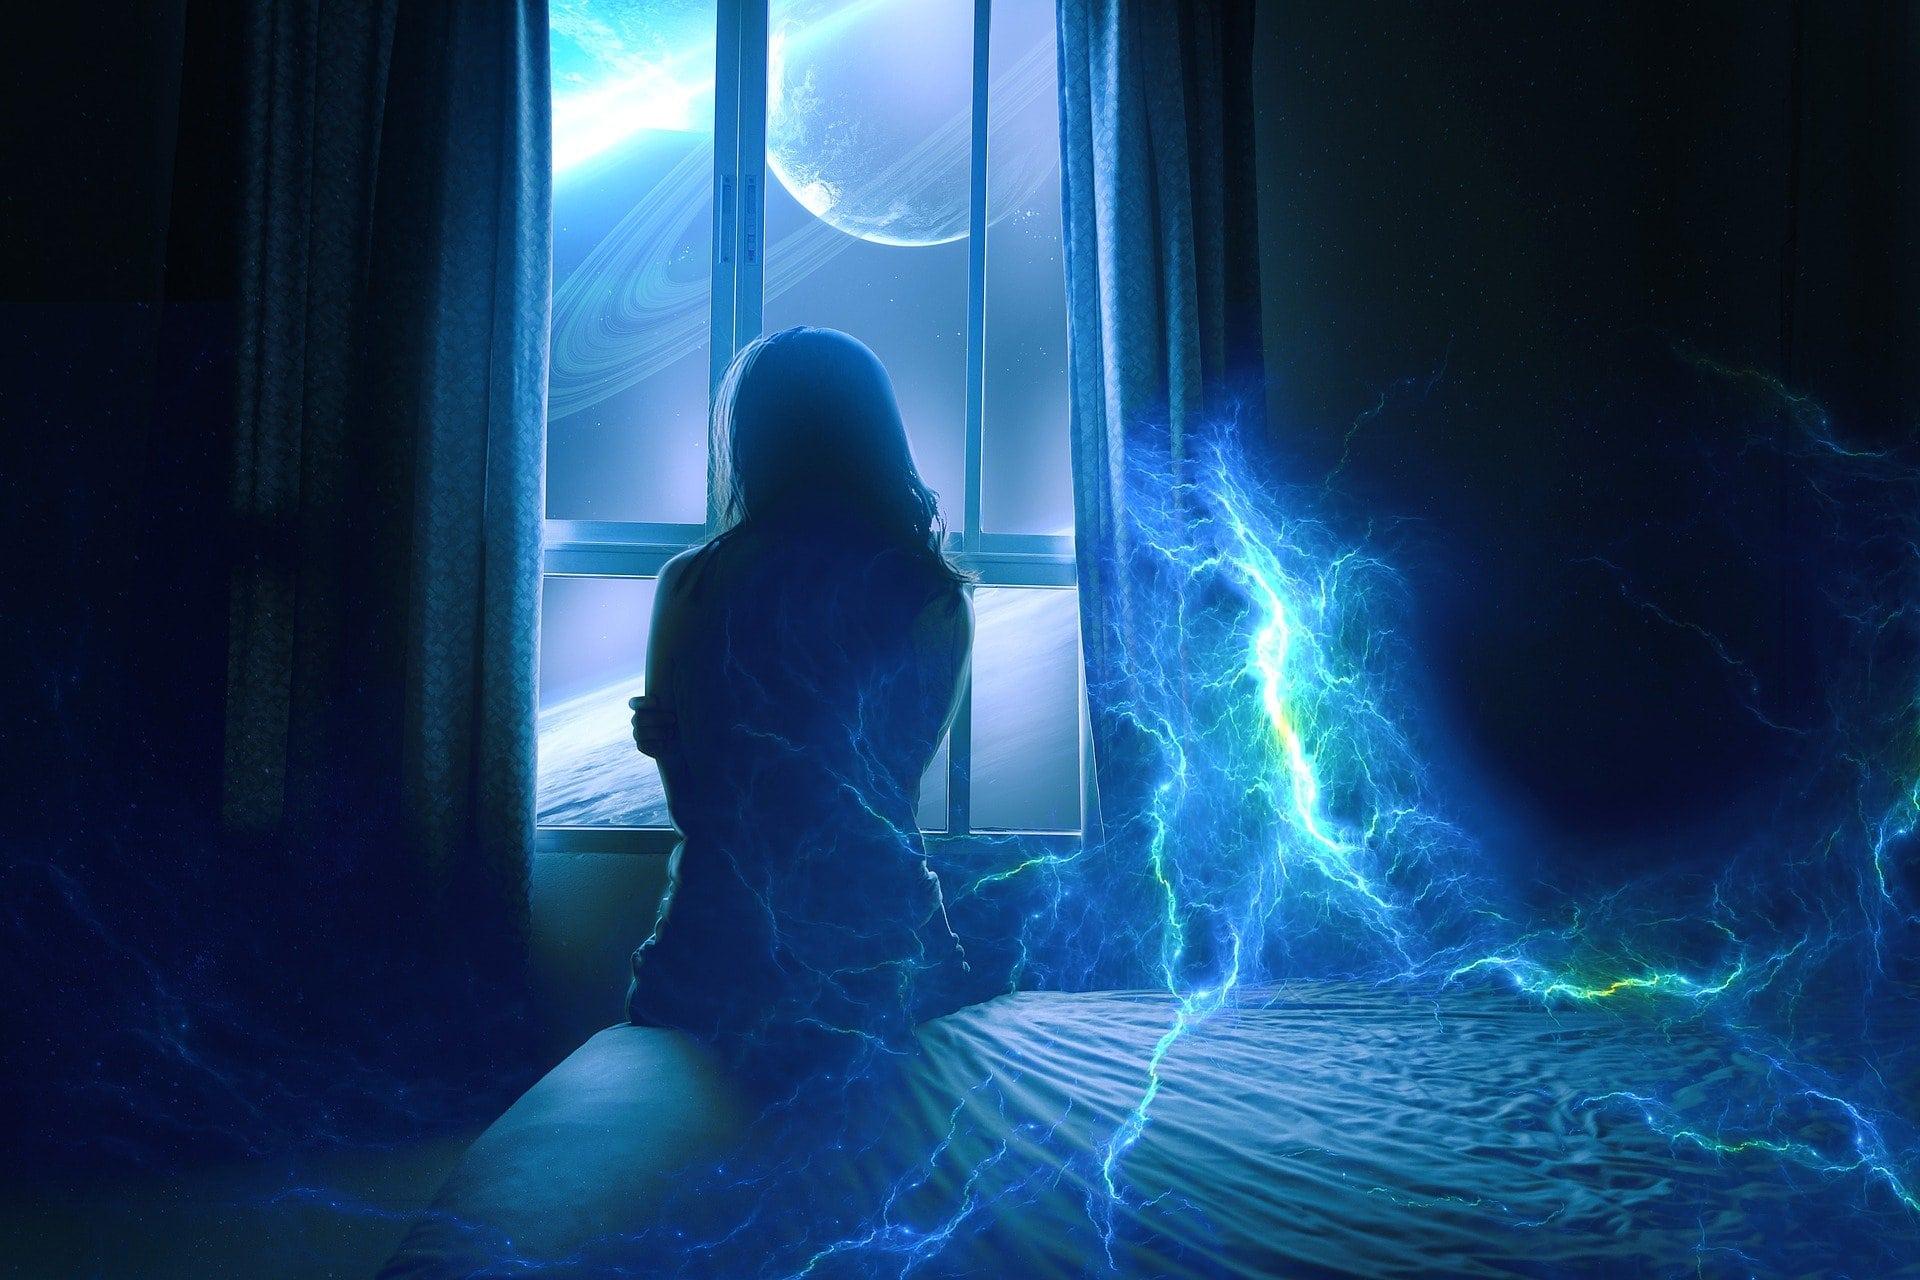 Пока вы не отпустите ситуацию, не справитесь с болью, вряд ли стоит пытаться заводить новые отношения